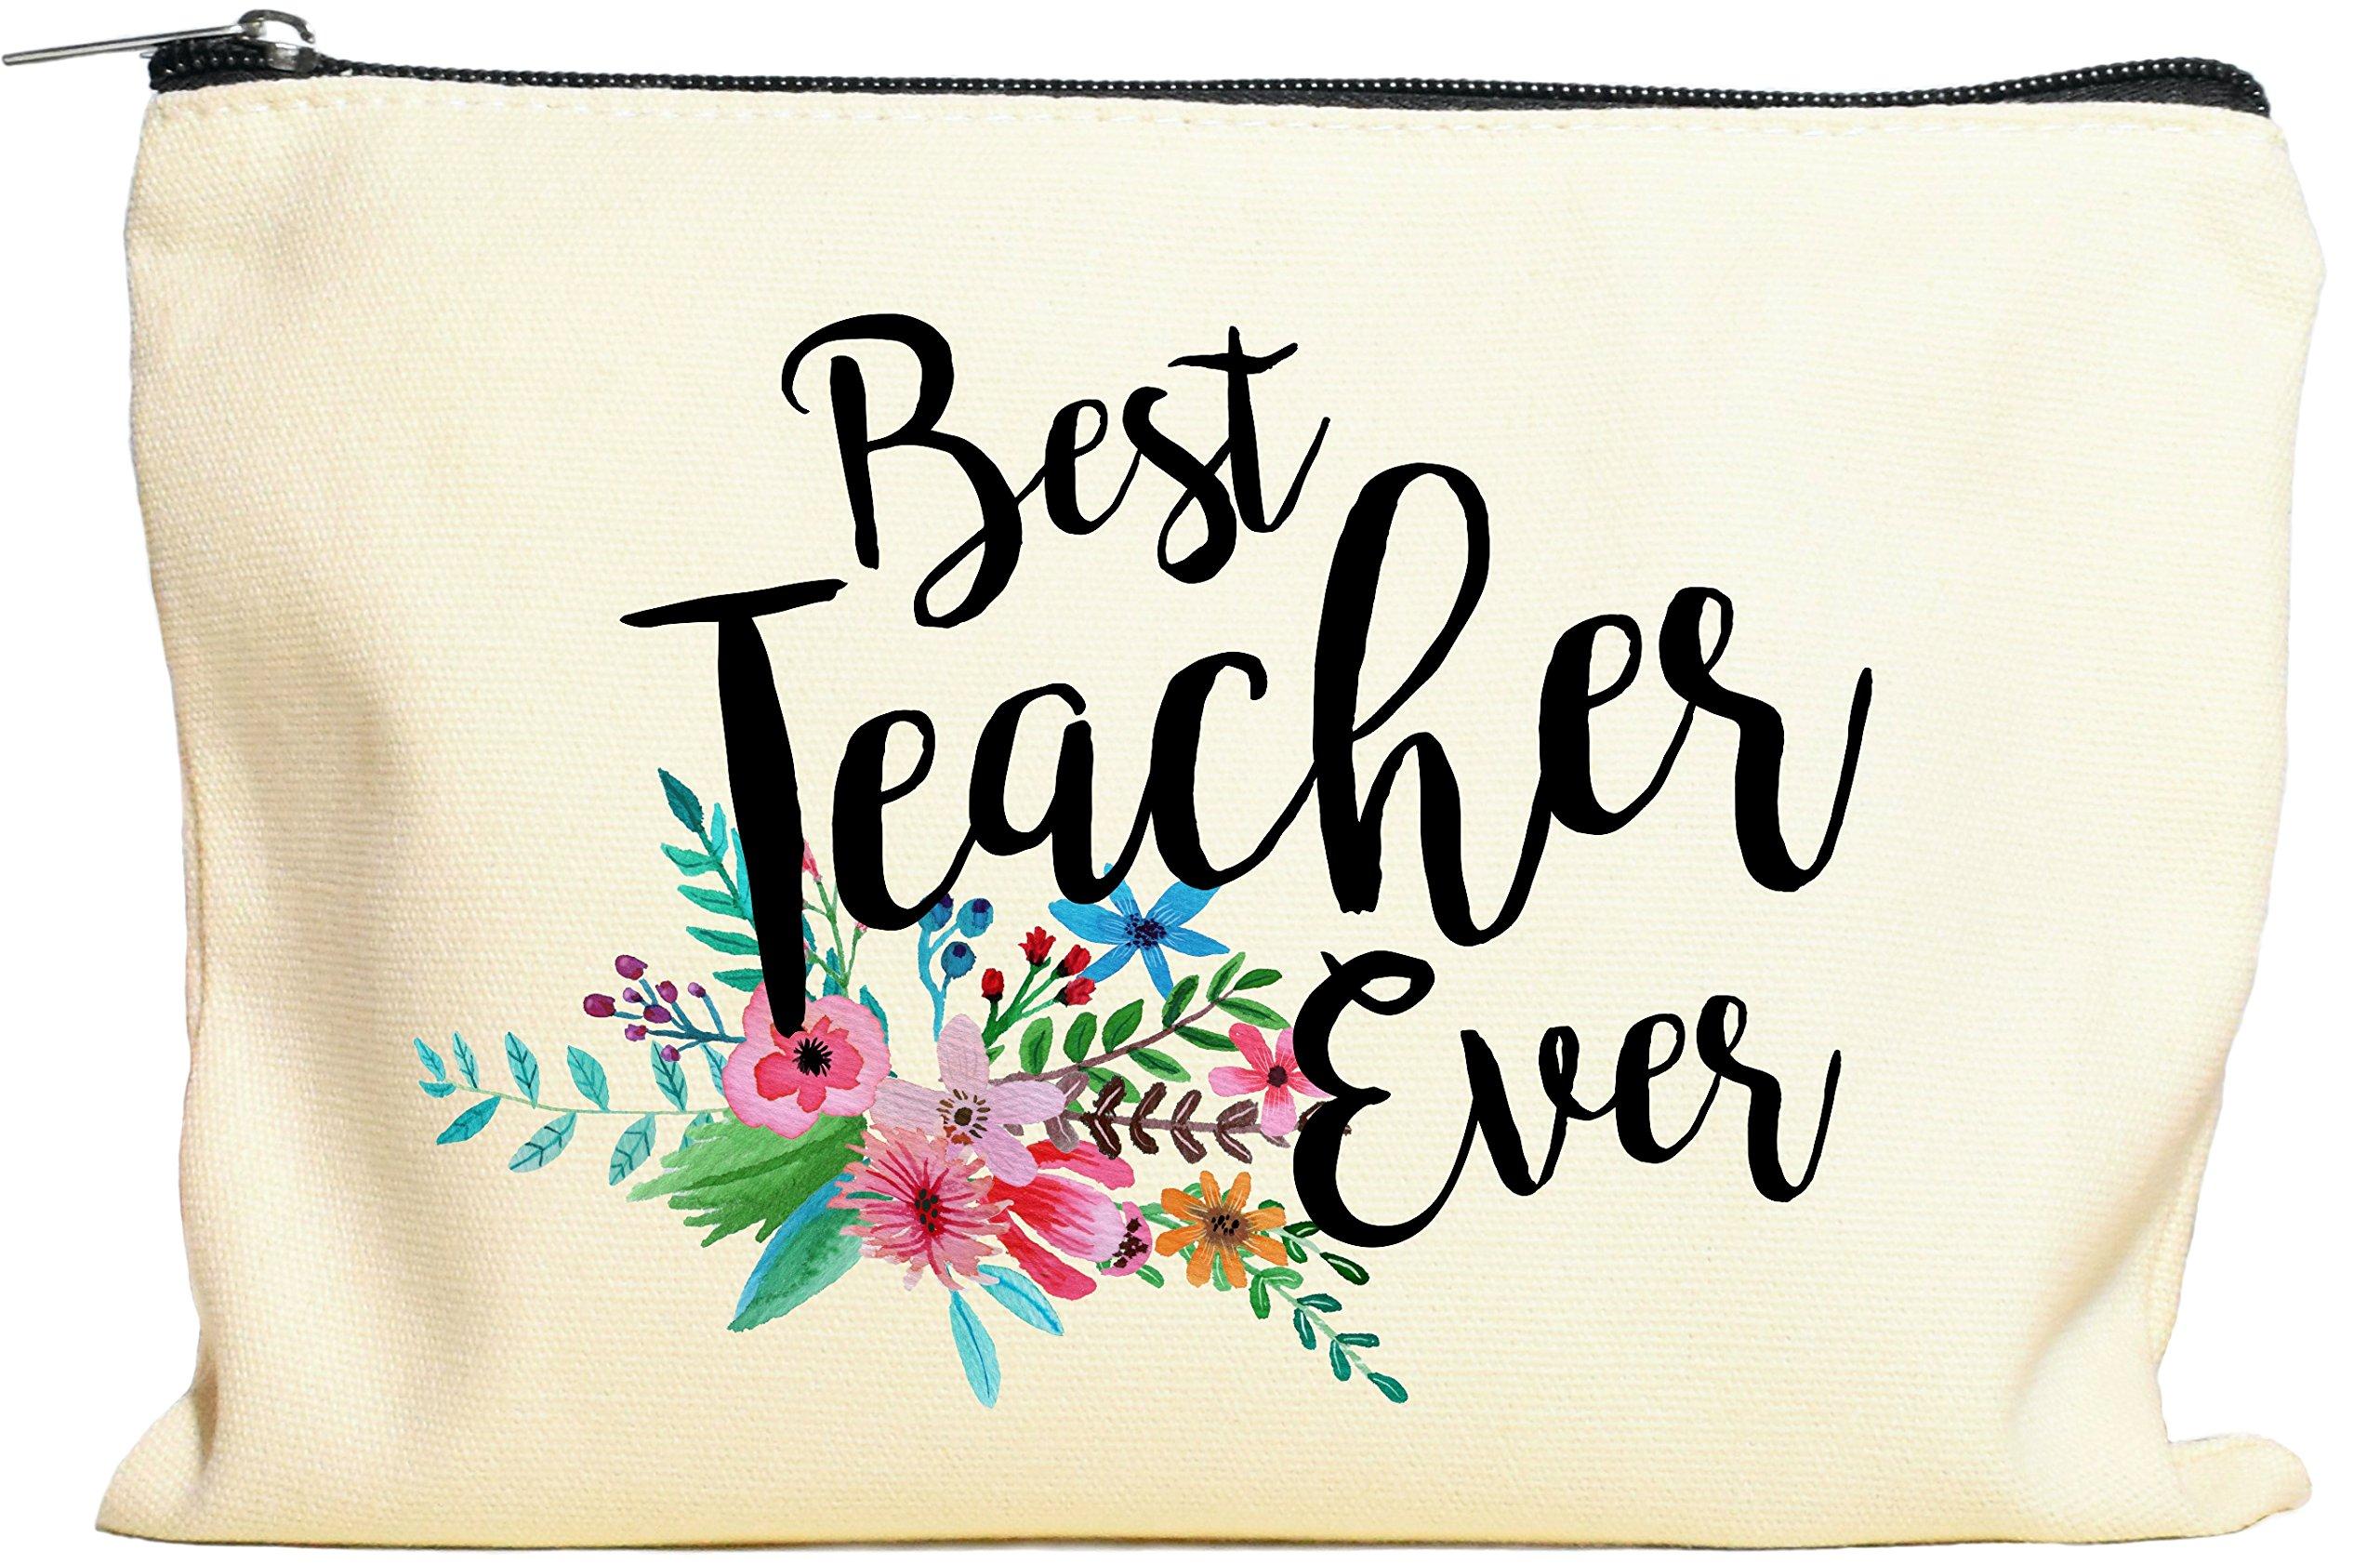 Teacher Gifts, Teacher Appreciation Gift, Best Teacher Ever, Makeup Bag, Pencil Case, Teacher Gift, Teacher Gifts For Women, Preschool, Elementary, High School, Teacher Pencil Bag